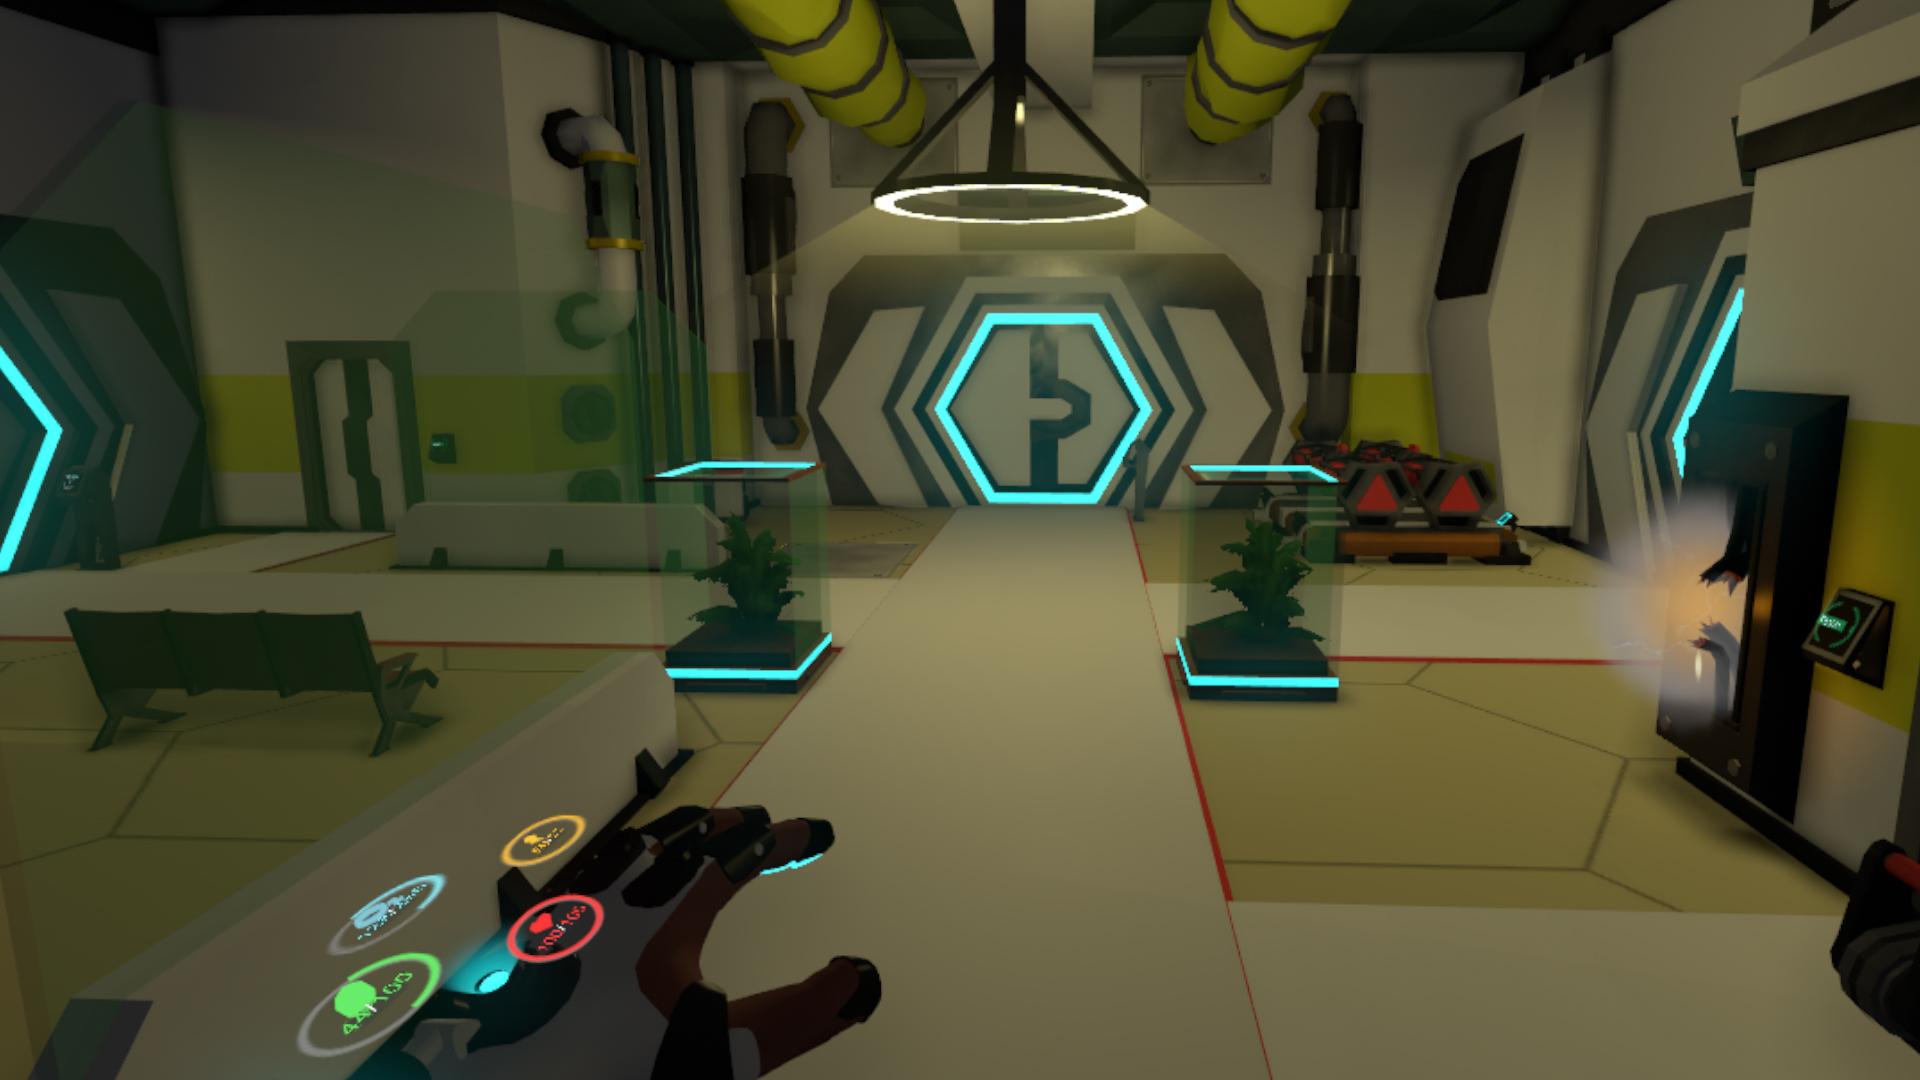 Star-Shelter-VR-Oculus-Rift-HTC-Vive